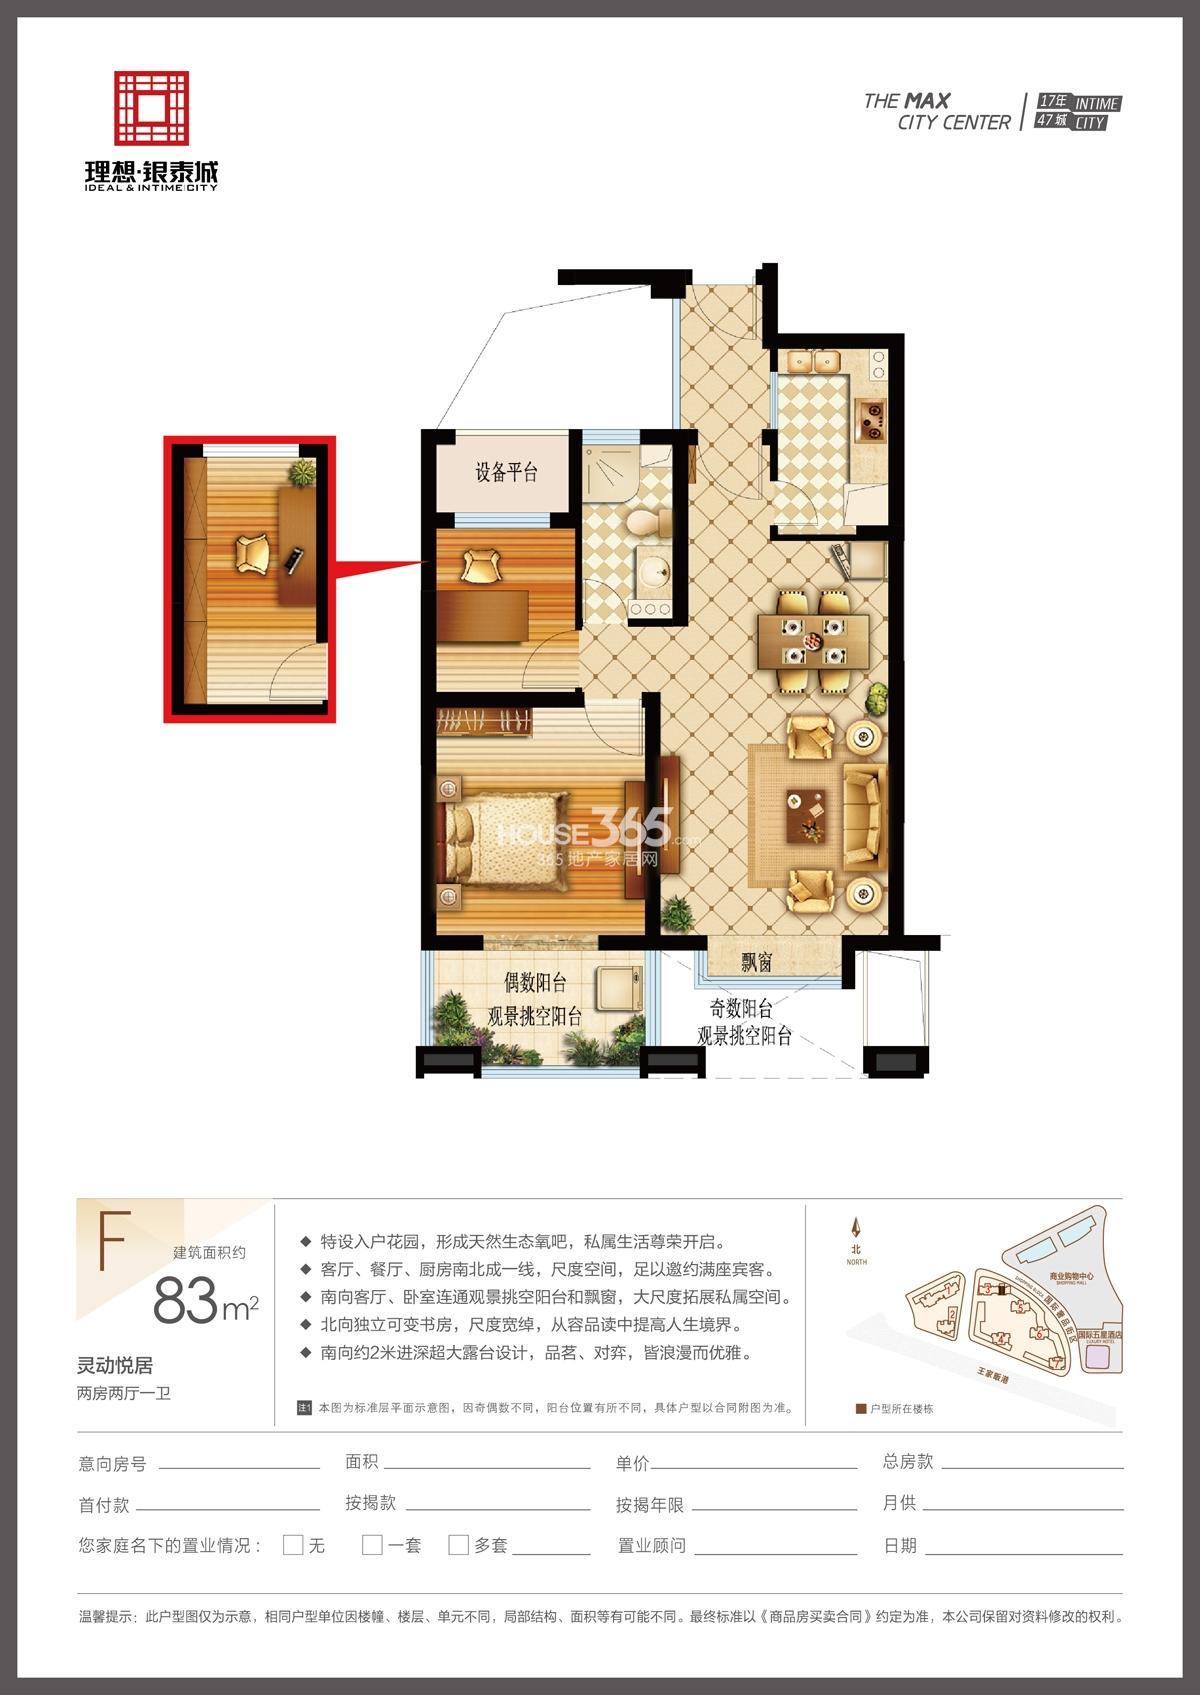 理想银泰城3号楼F户型83方两房两厅一卫户型图